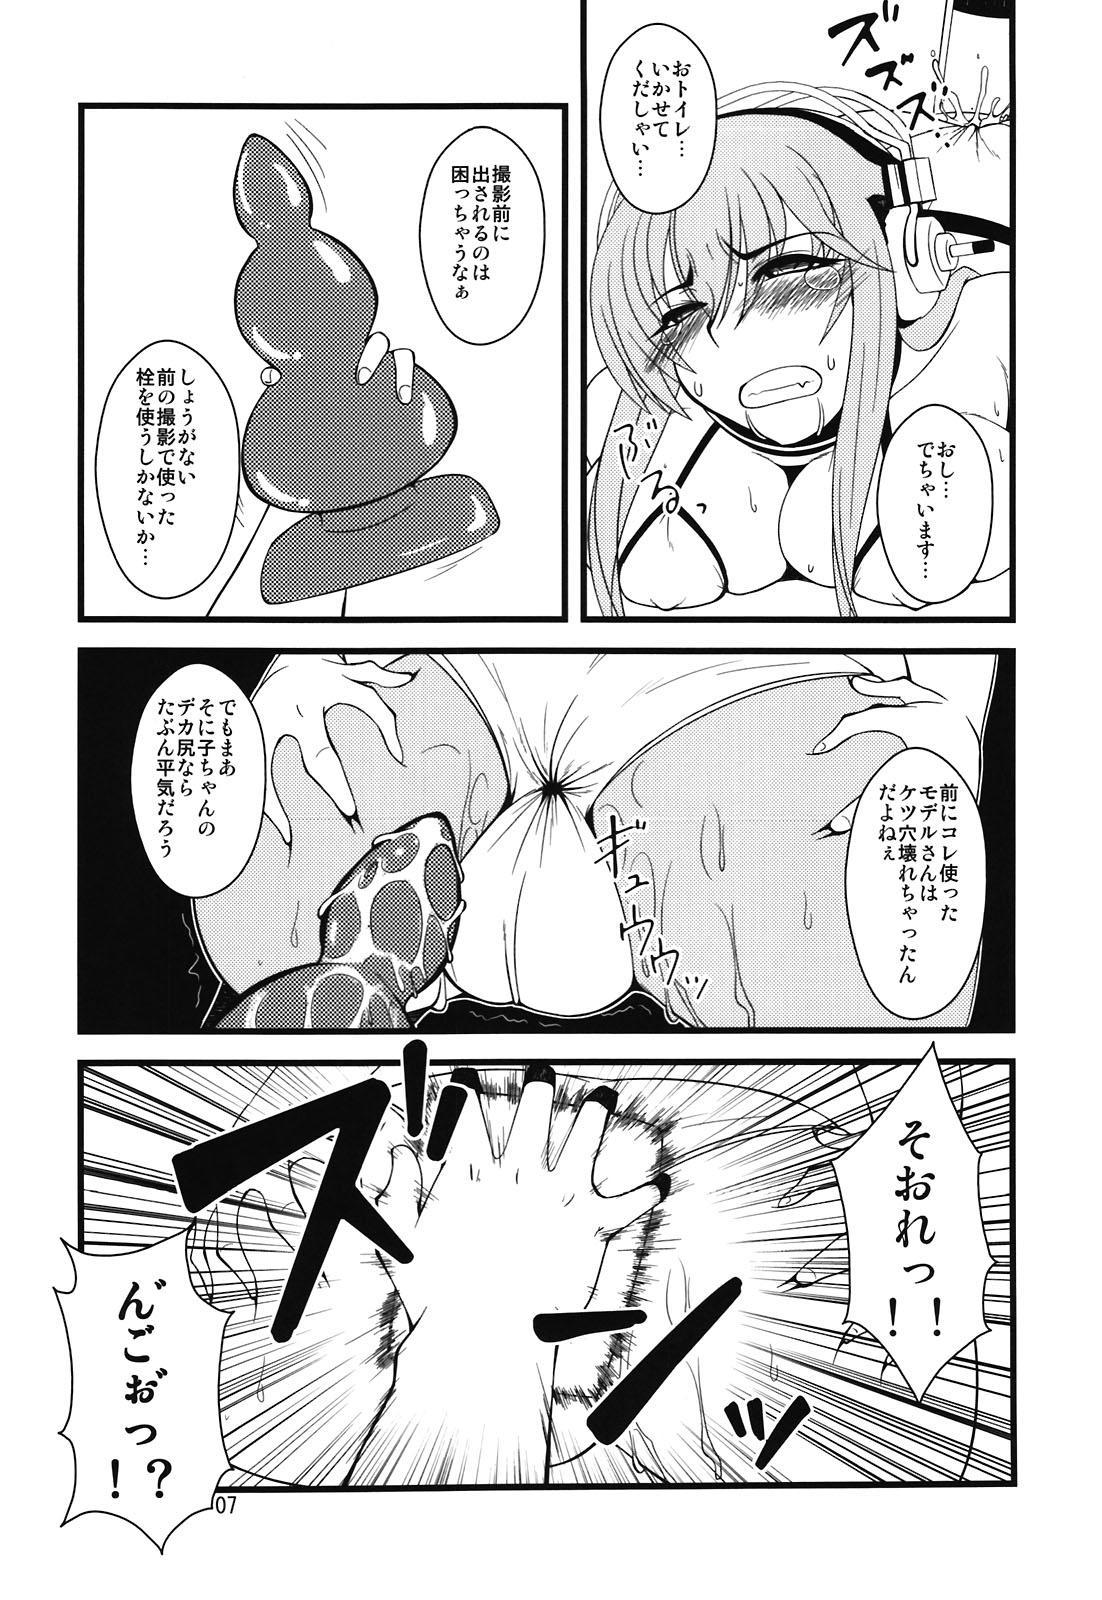 Sonico-san ga Botebara ni Sarete H na Koto wo Sarechau Hon 6